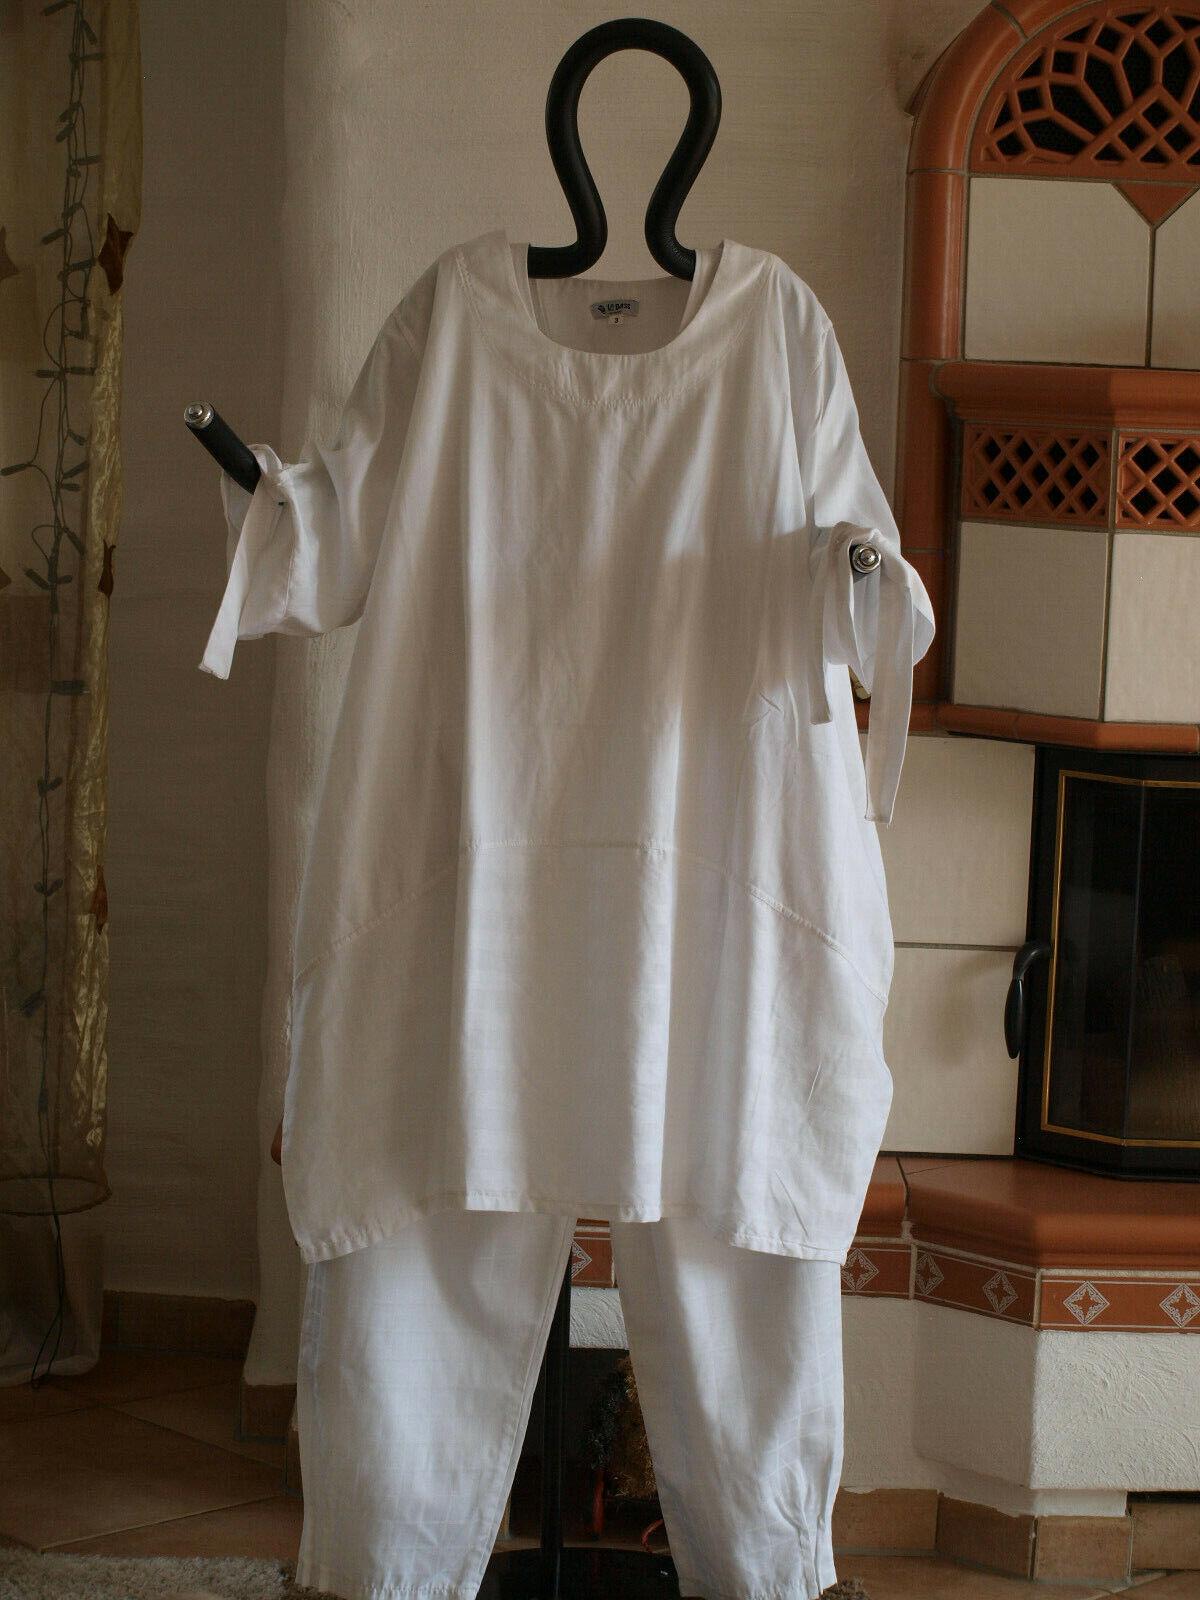 1840 LABASS Lagenlook Big Shirt Ballonform weiß weiss gestreift Gr. XXL 52 54